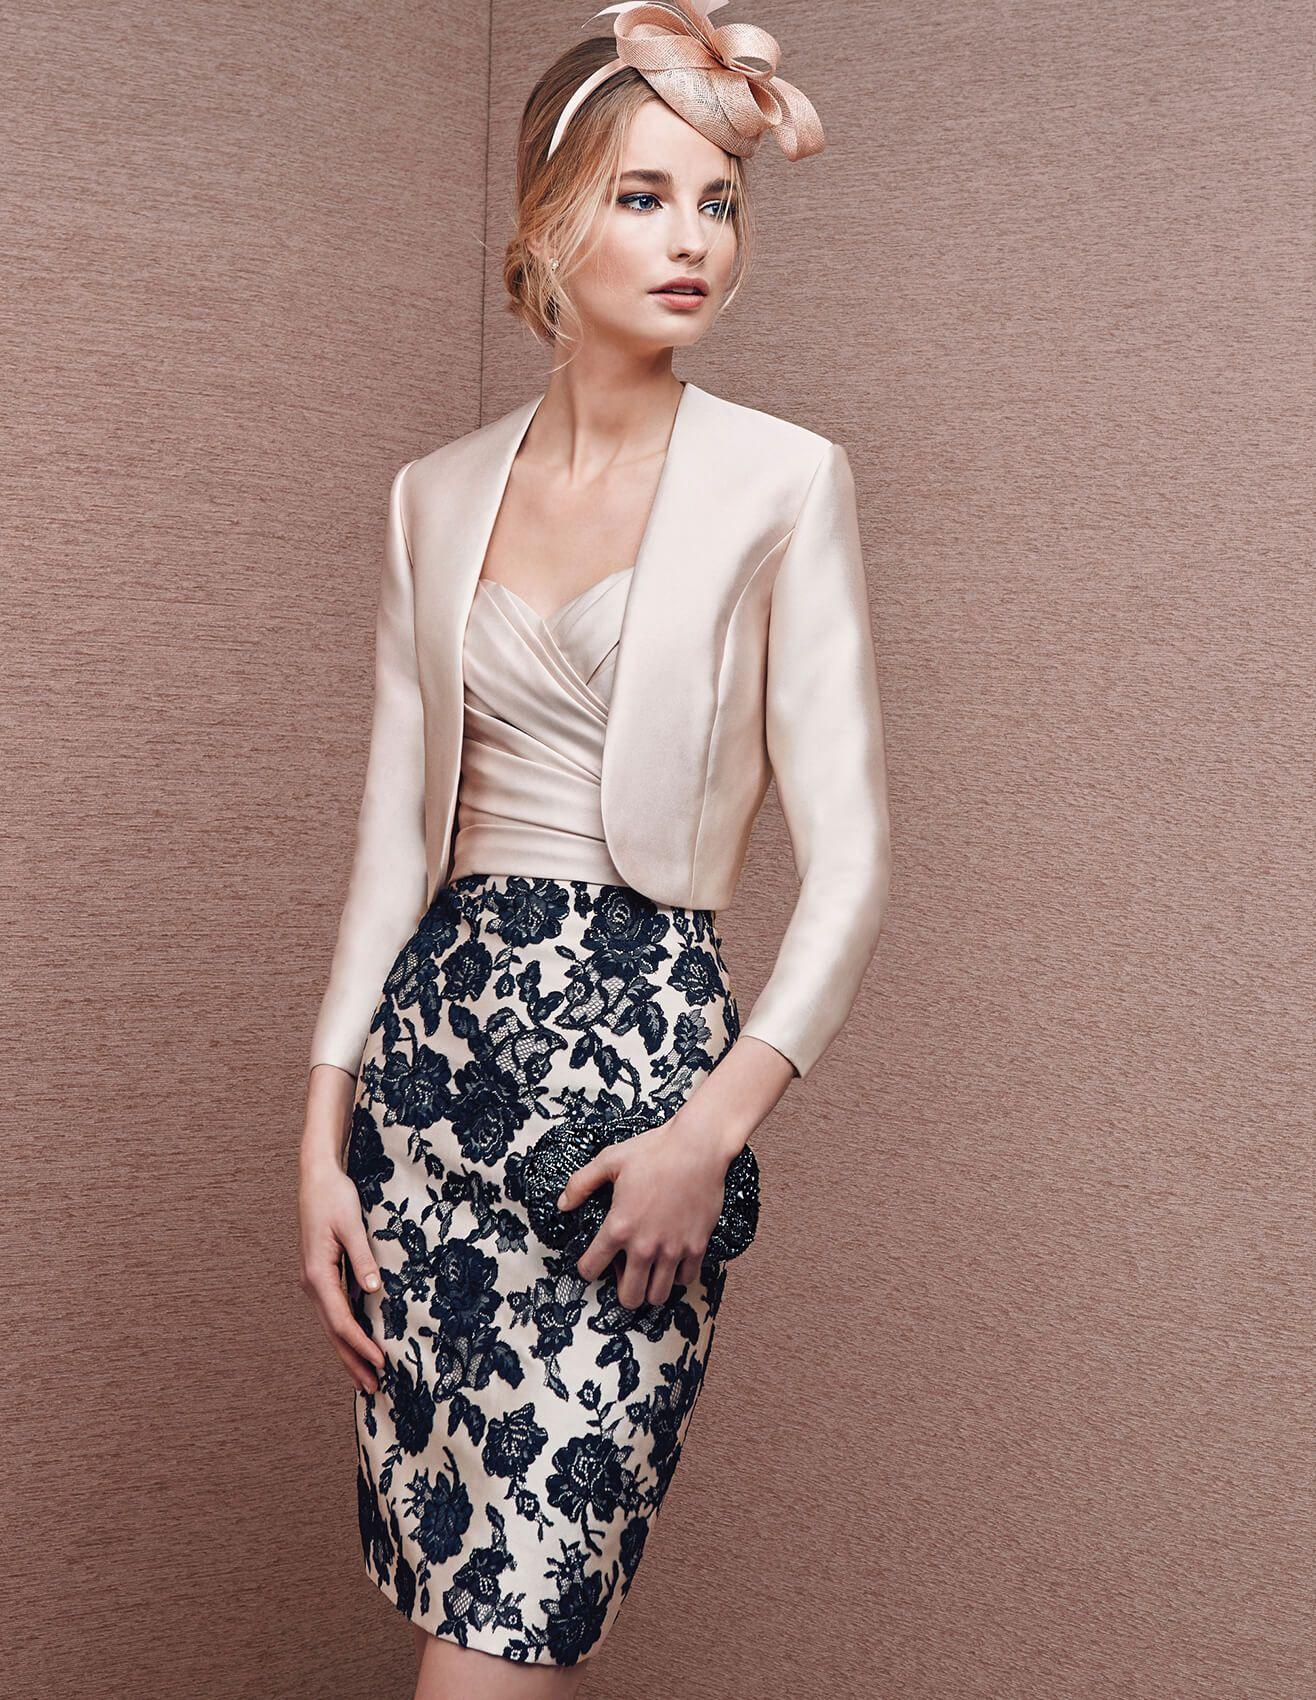 Vestidos cortos y elegantes para ir de boda | dress | Pinterest ...